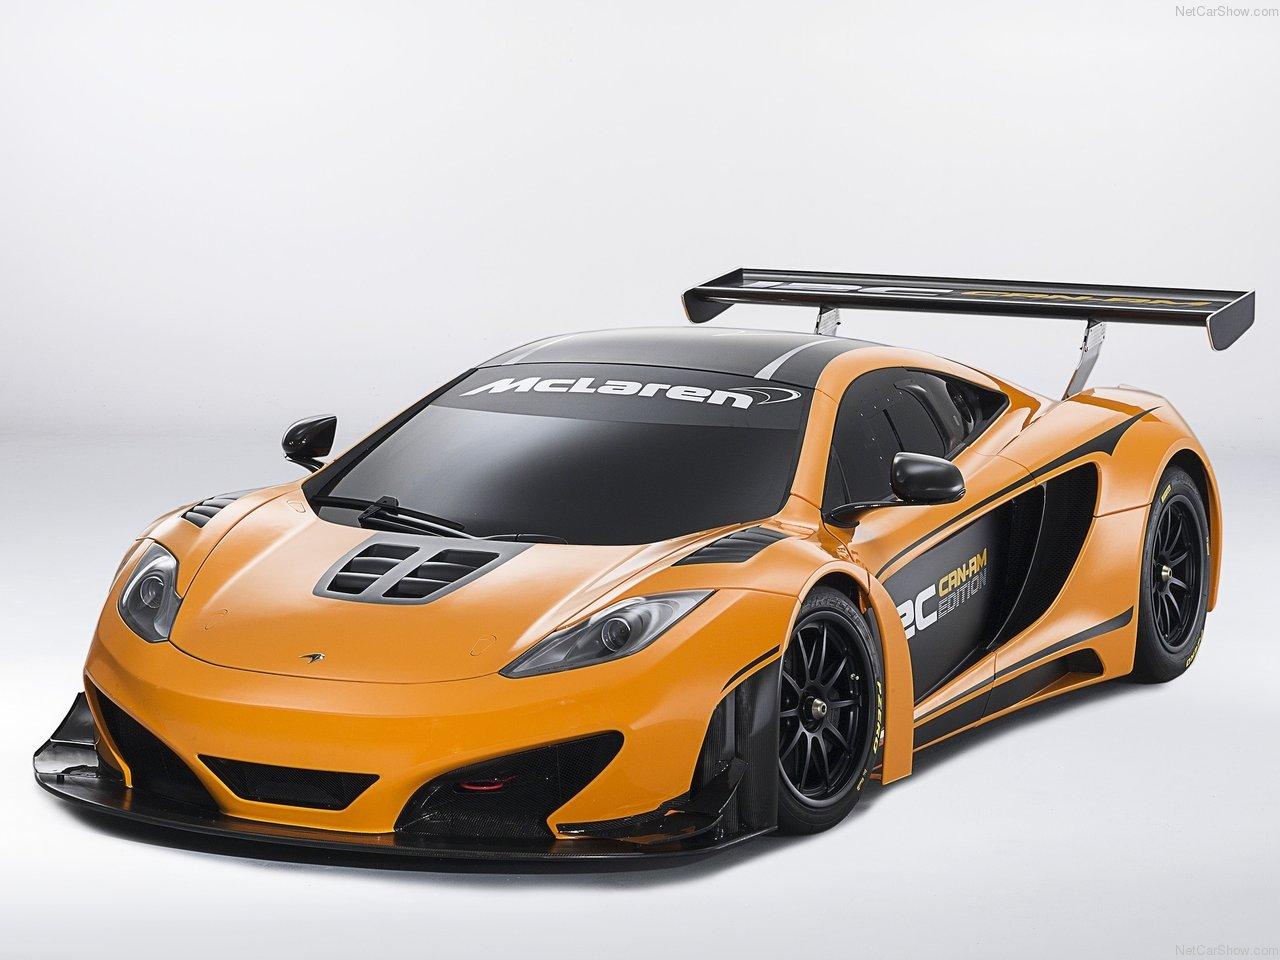 McLaren 12C Can Am Edition Concept 2012 McLaren-12C_Can-Am_Edition_Concept-2012-1280-02